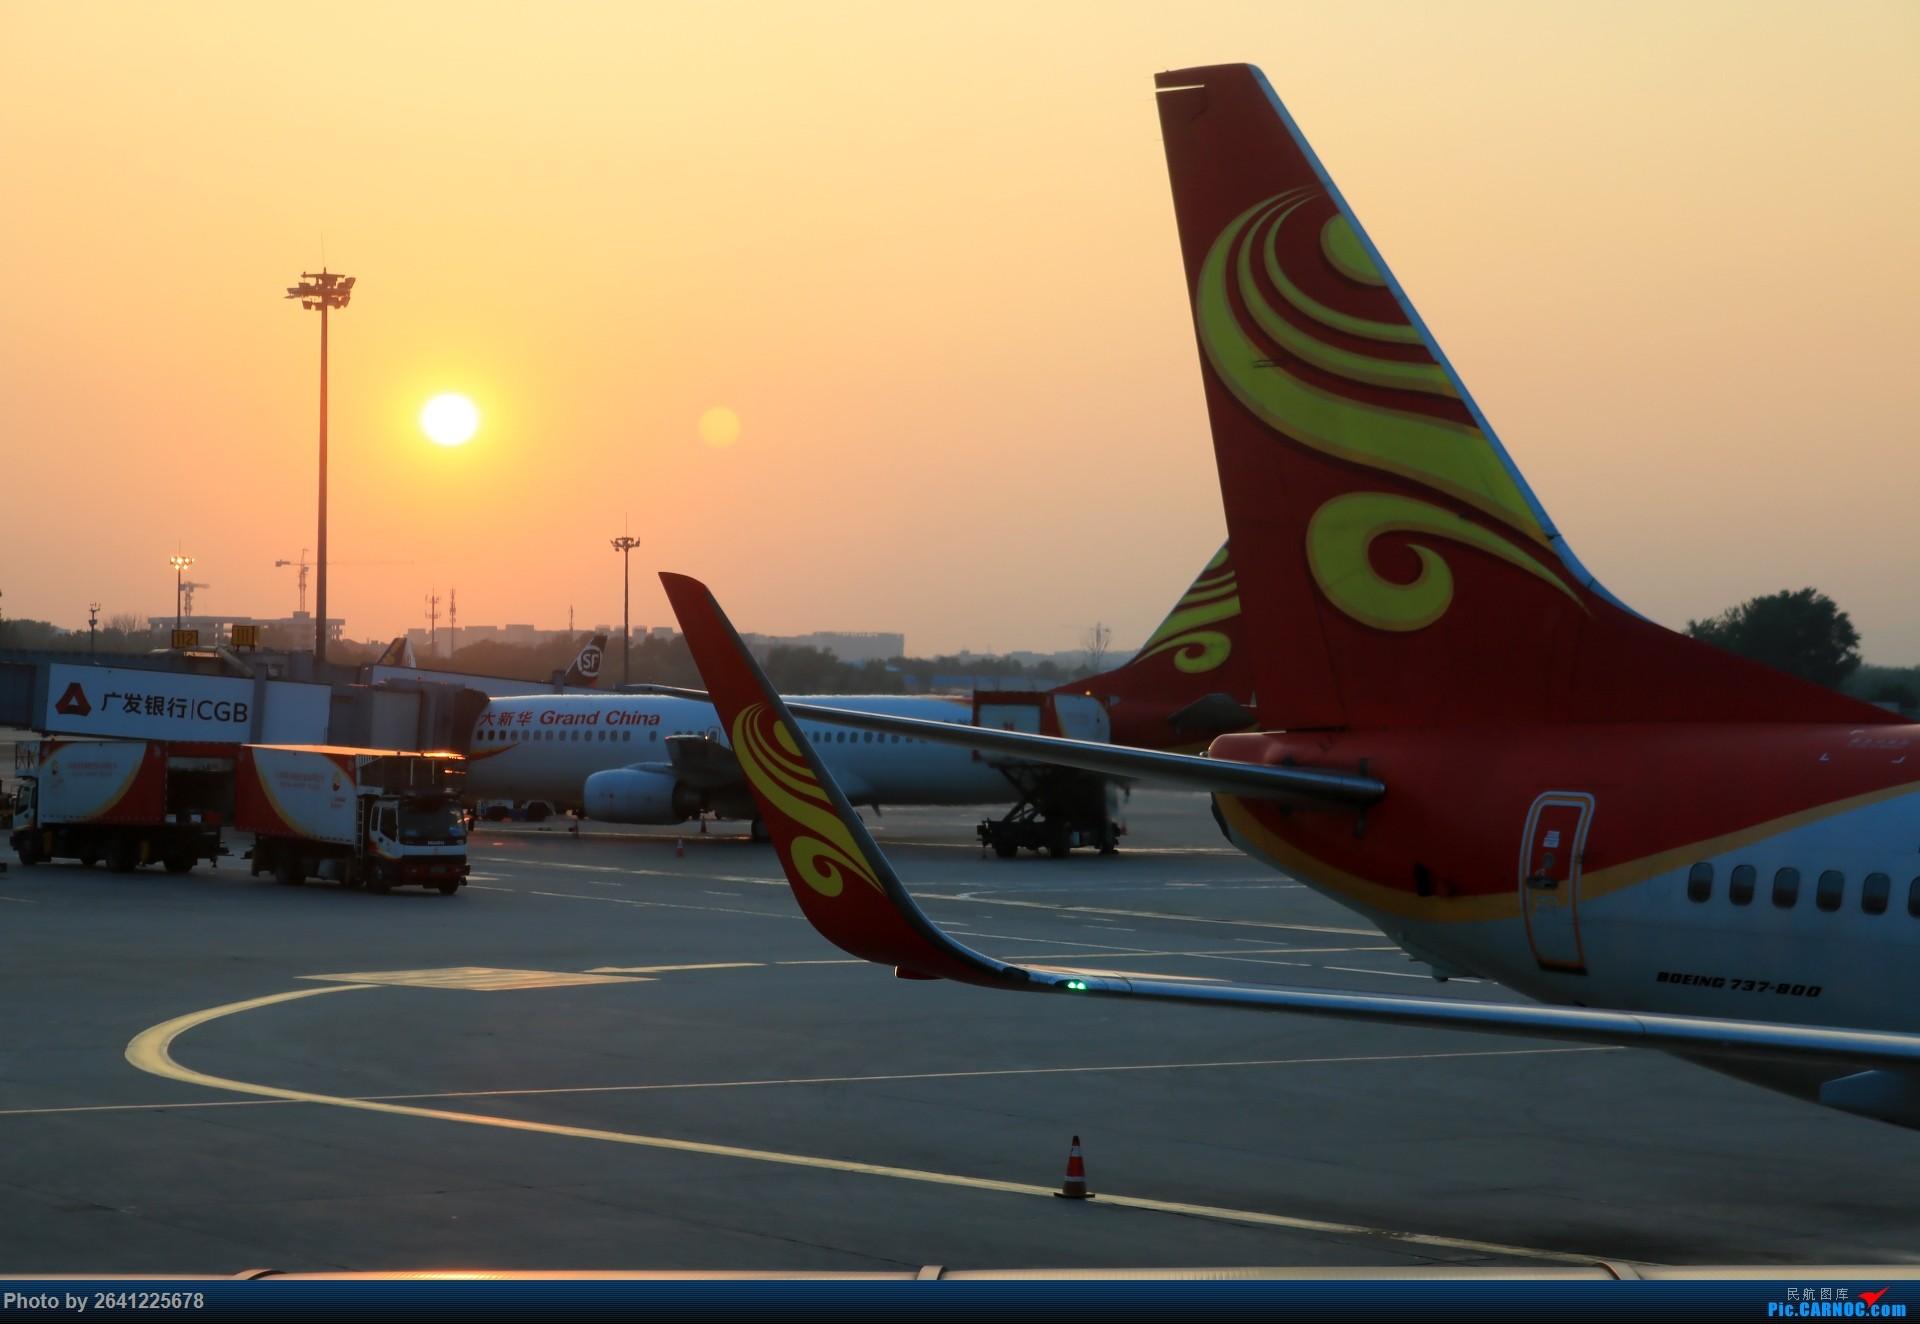 Re:[原创]【小周游记第3集】草原茫茫天地间,洁白的蒙古包散落在河边——内蒙古5天4飞半自由行(宽体与支线客机初体验)有flight log和驾驶舱哦 BOEING 737-800 B-5539 中国北京首都国际机场